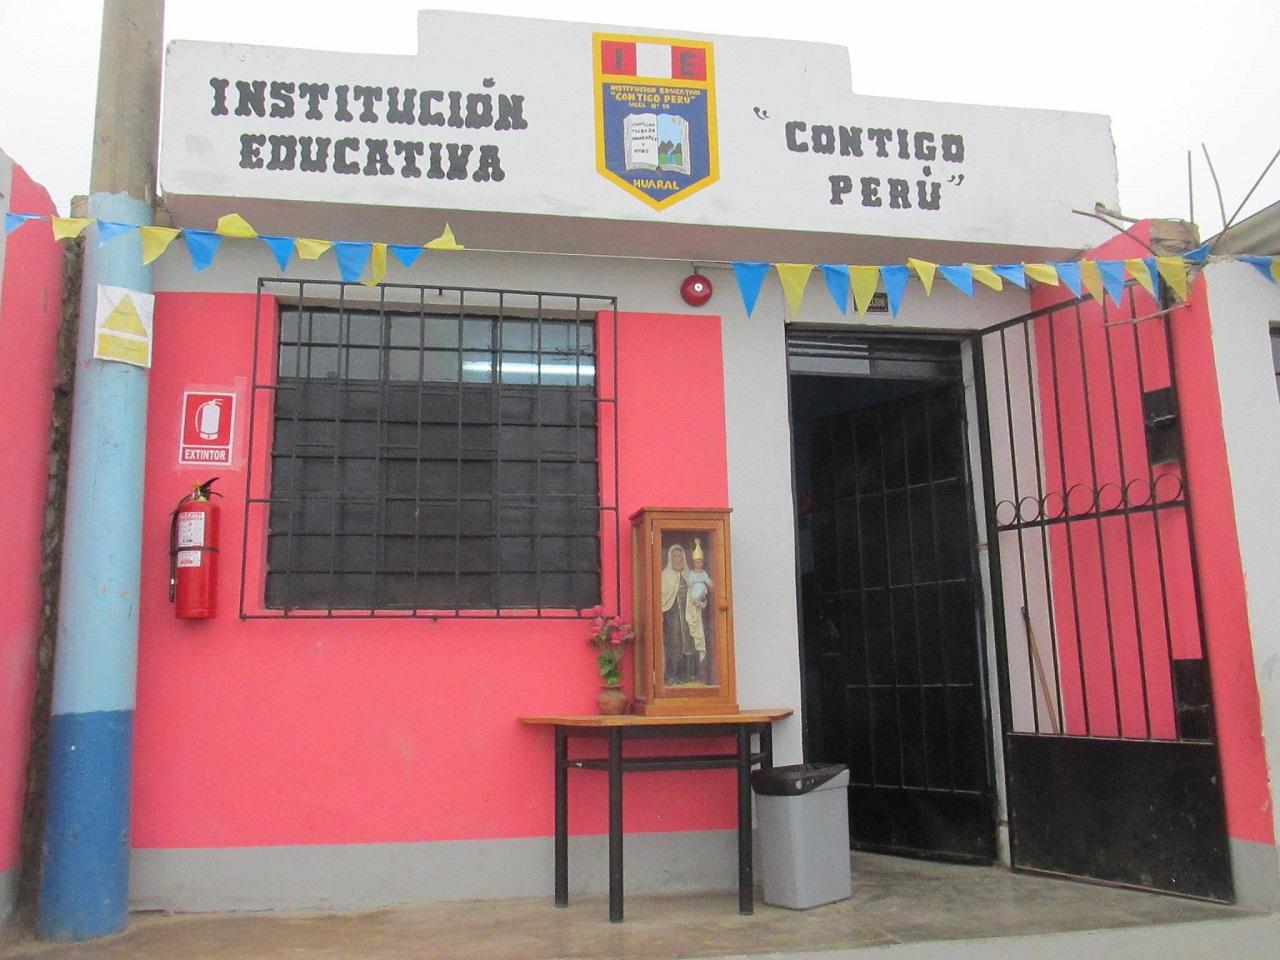 Escuela CONTIGO PERÚ - Huaral